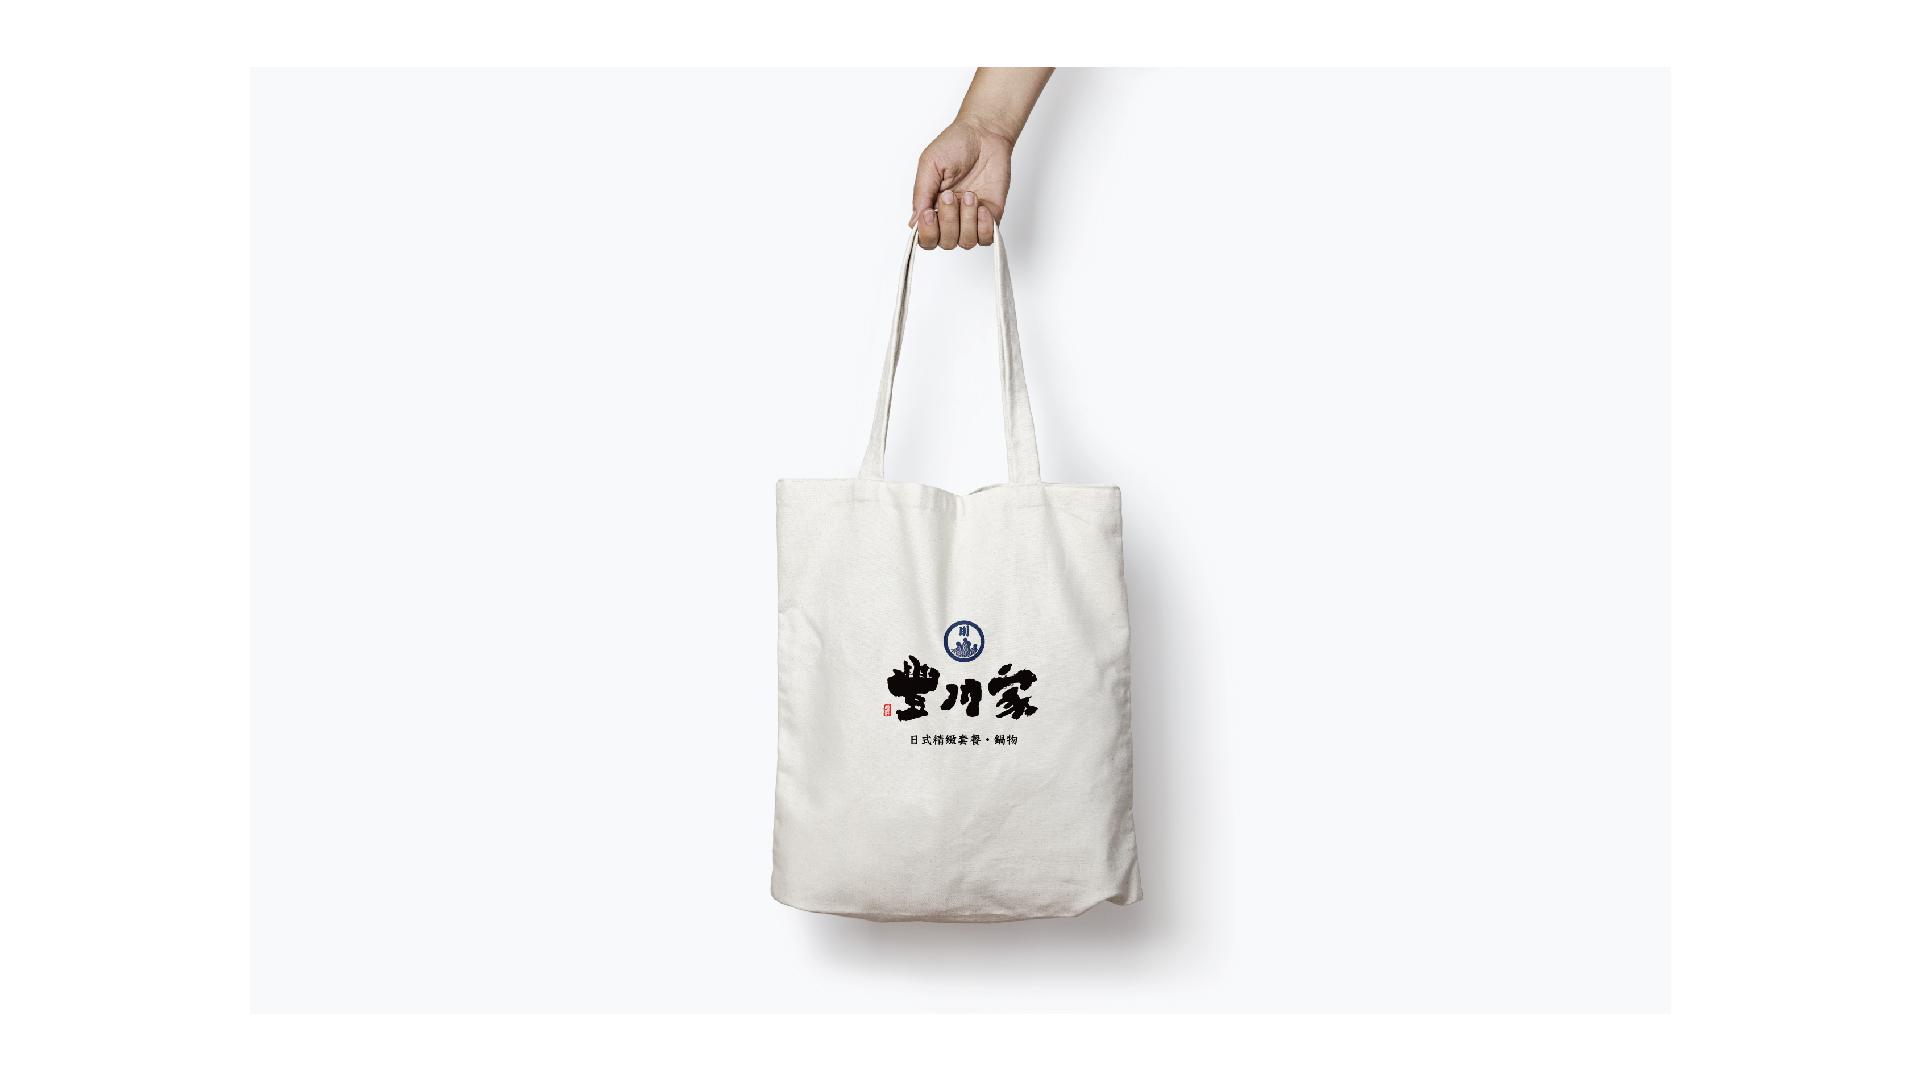 豐川家 提袋設計 | 甘樂文創 | 甘之如飴,樂在其中